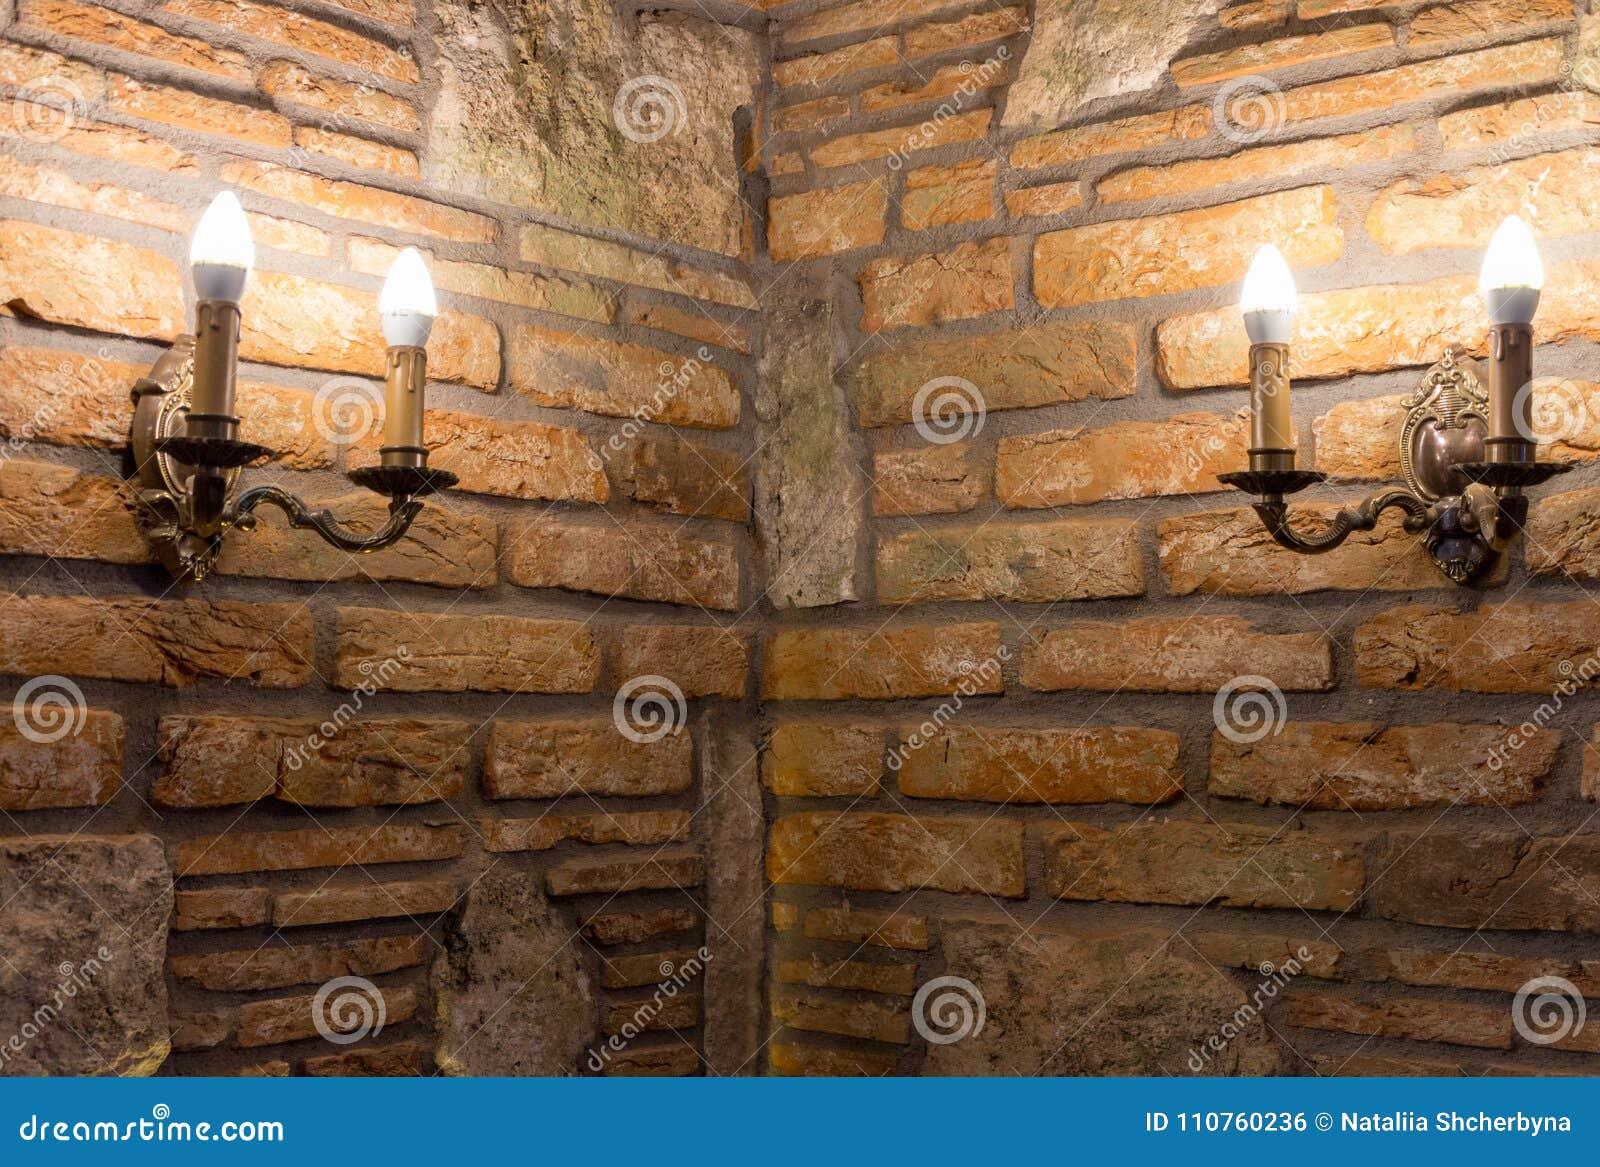 Deux chandeliers avec des lampes dans le coin du mur de briques dans le bâtiment antique Intérieur médiéval Vieille maison de pie